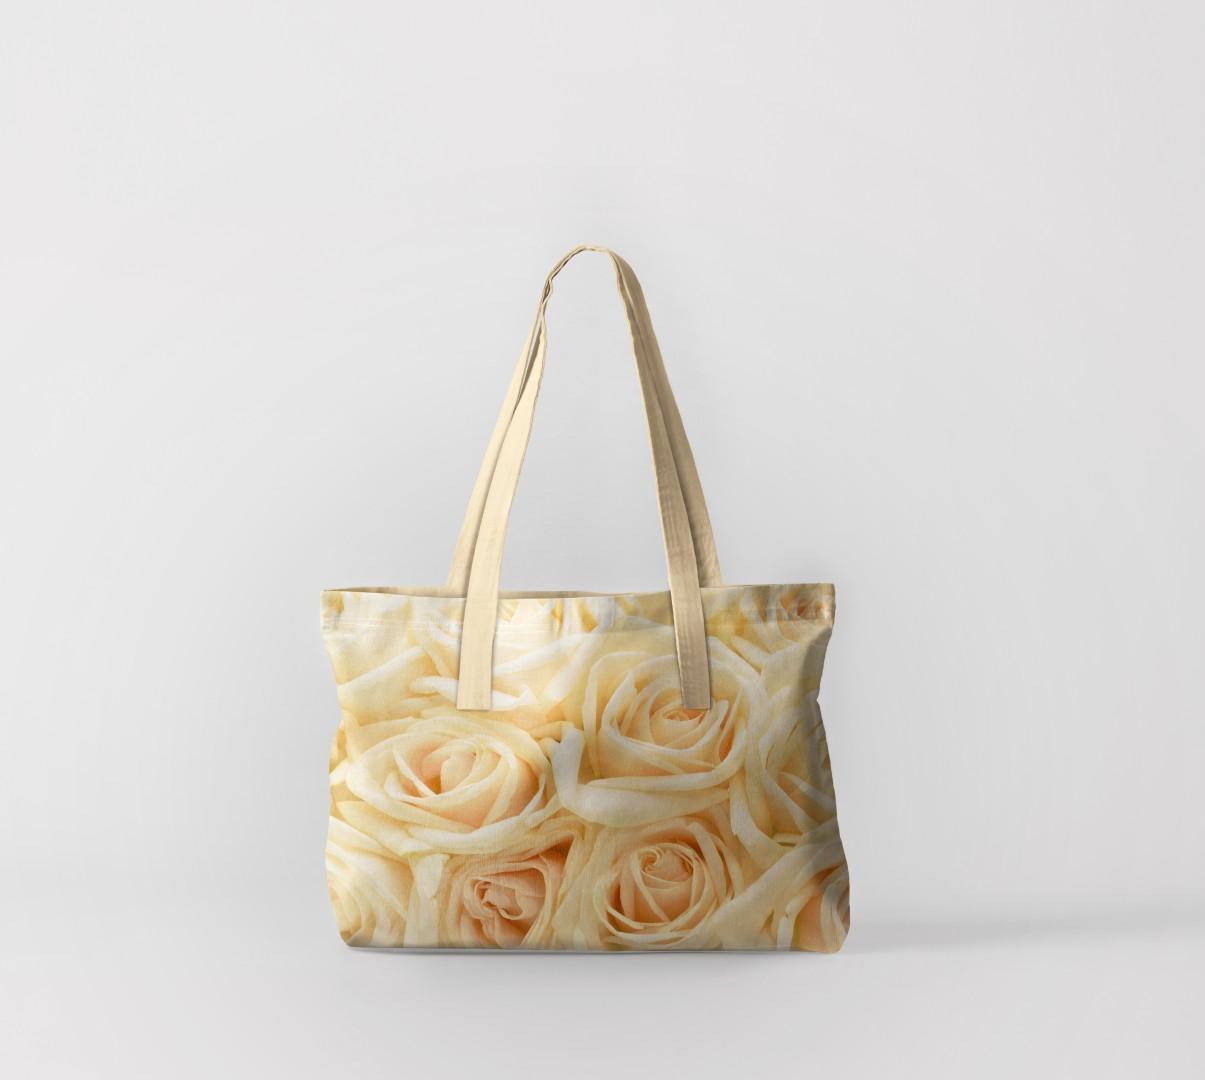 Пляжная сумка Бежевые розы (50х40 см) Олимп Текстиль oli732556